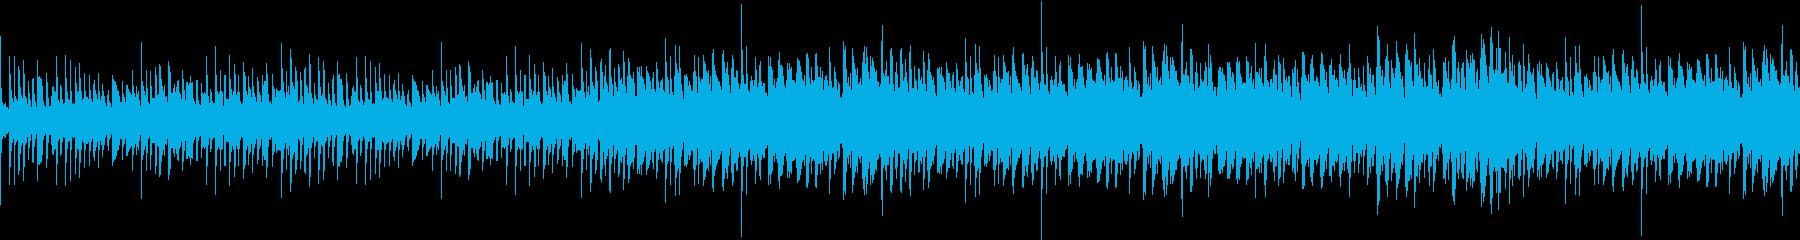 クイズ 考え中 シンキングタイム 迷宮の再生済みの波形